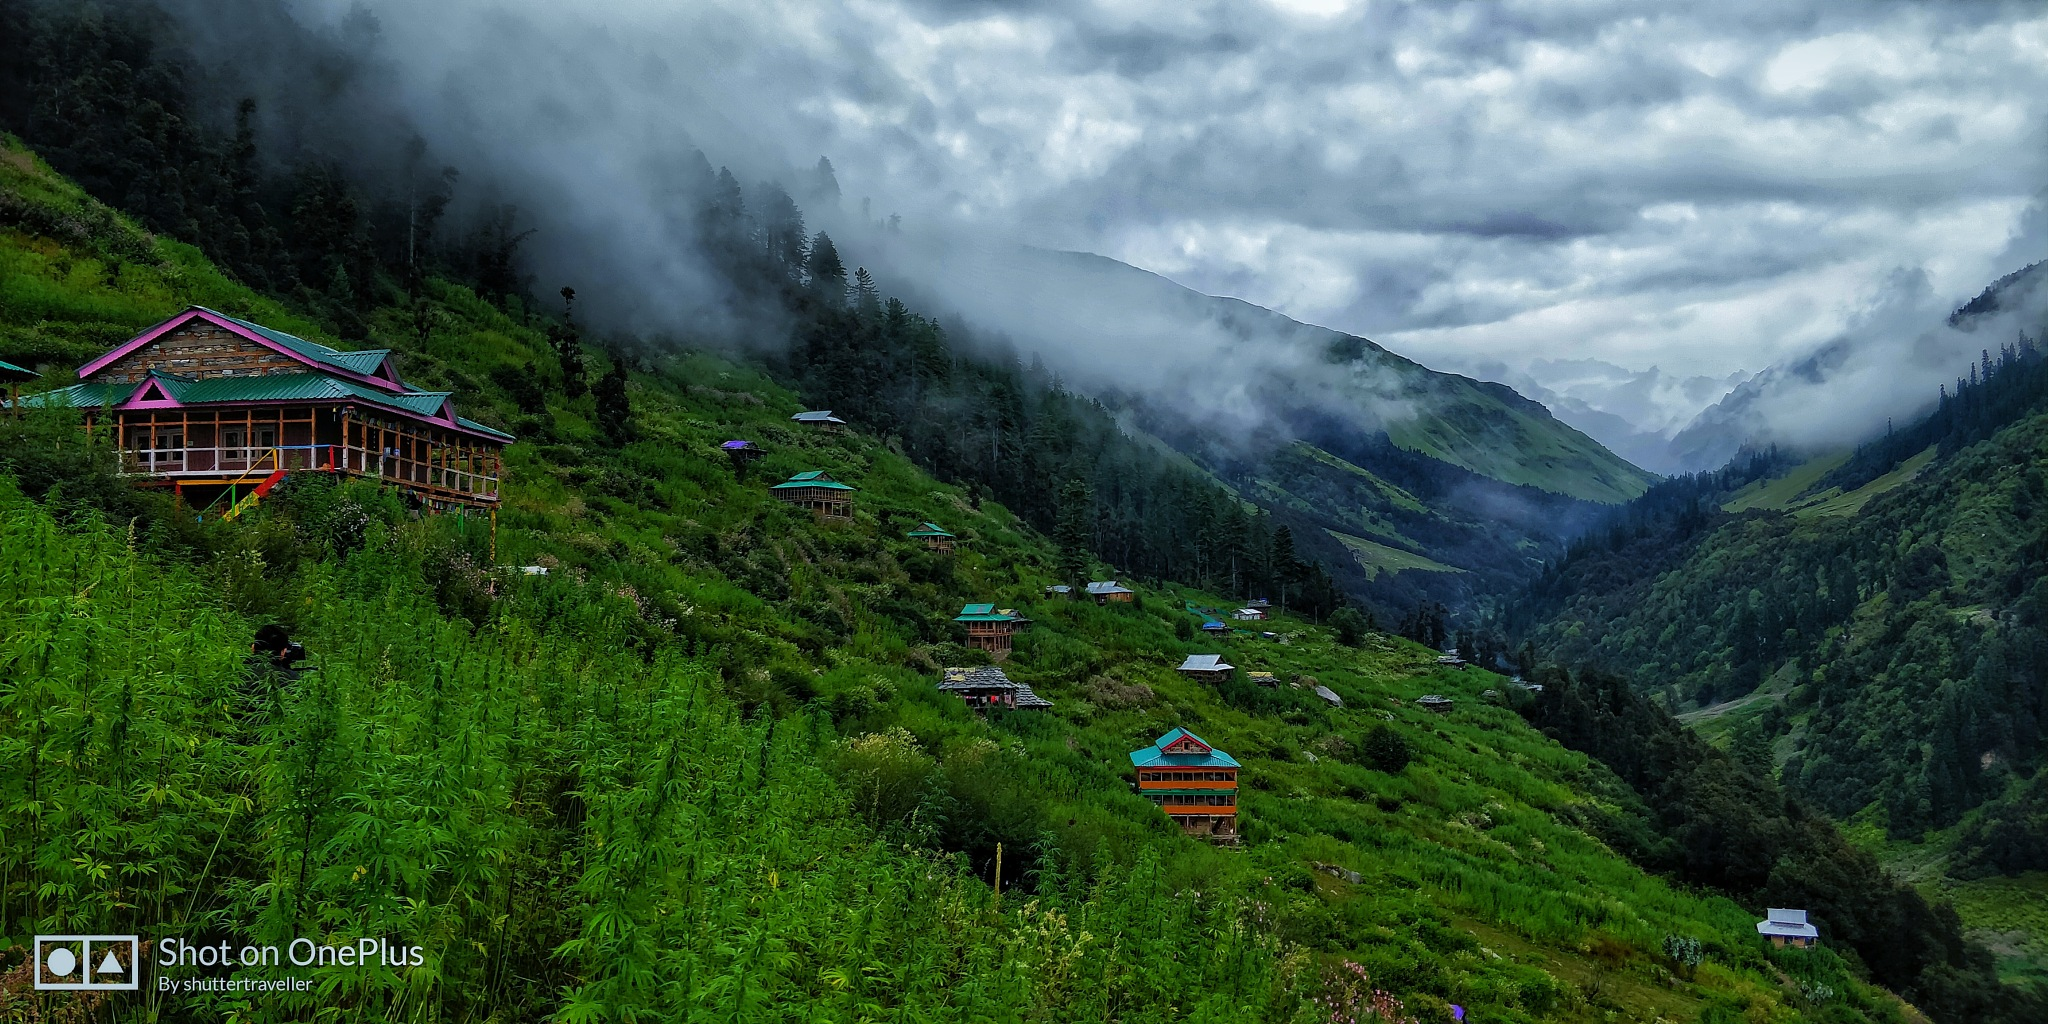 landscape by Pankaj kumar